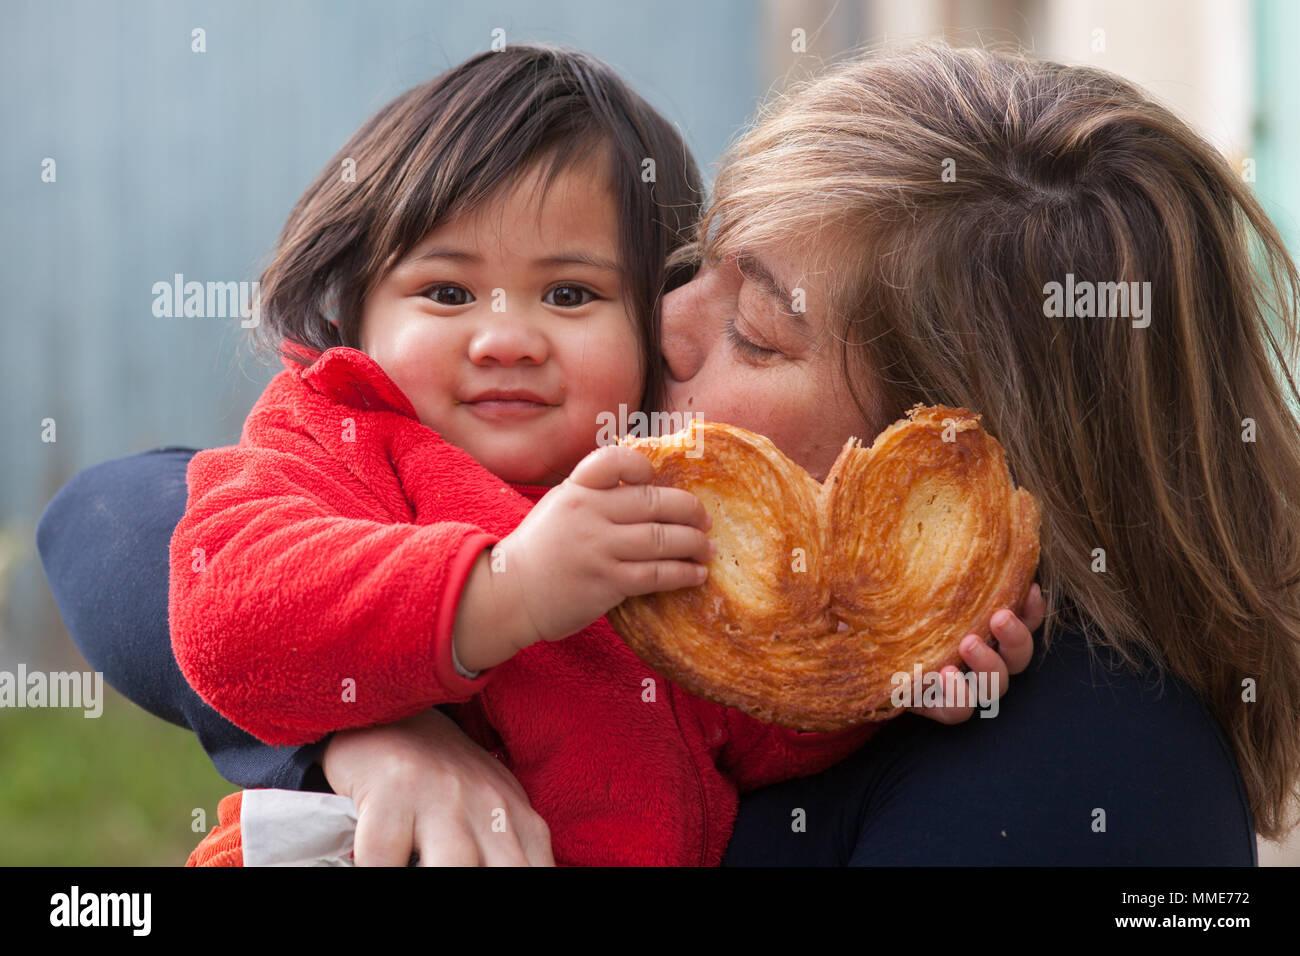 CHILD EATING - Stock Image